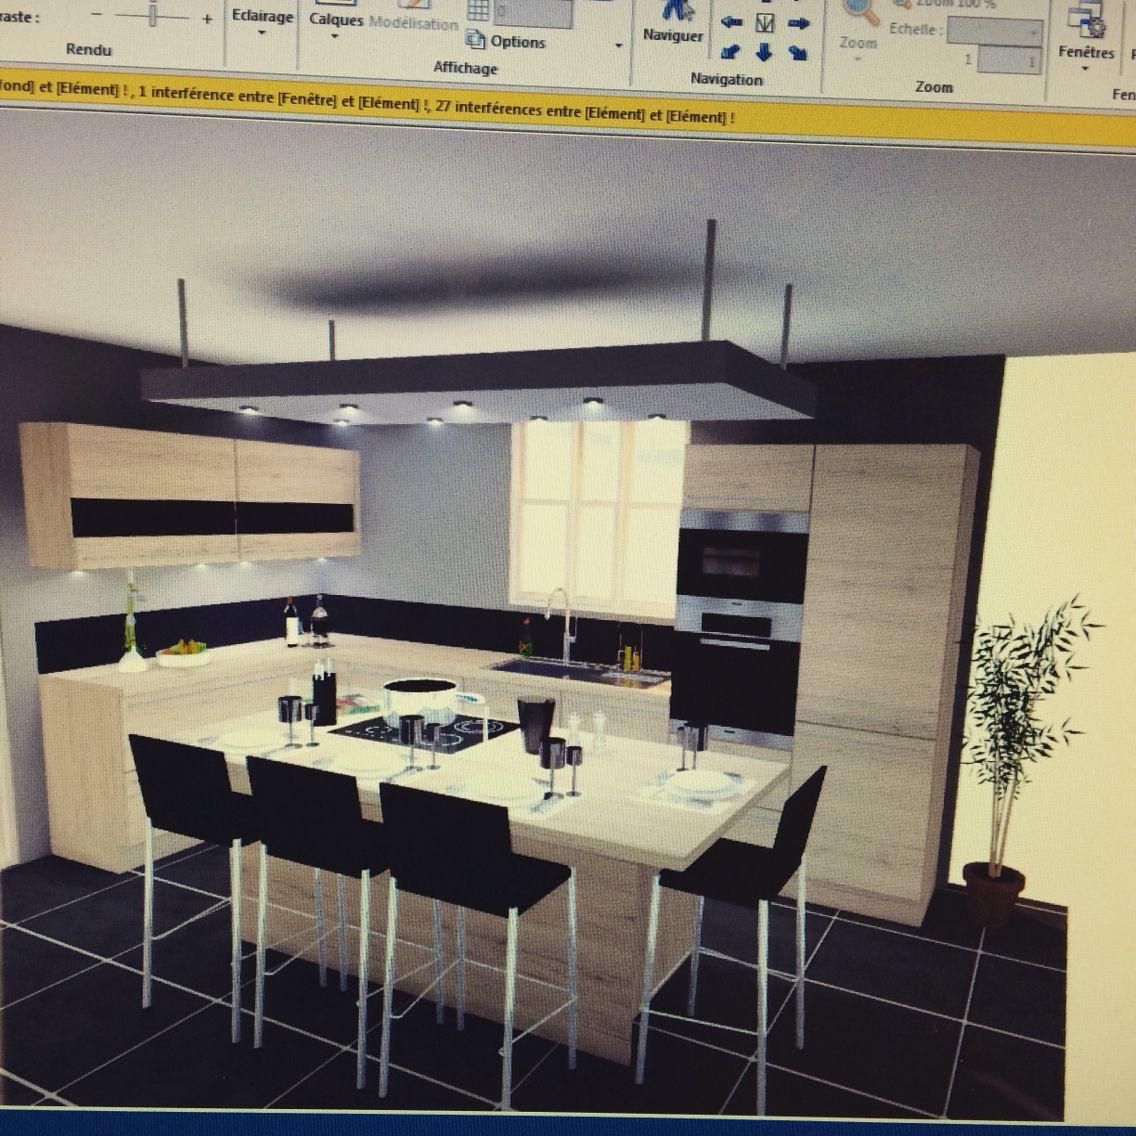 cuisine moderne en bois nobilia rocka interior pinterest cuisine bois moderne. Black Bedroom Furniture Sets. Home Design Ideas